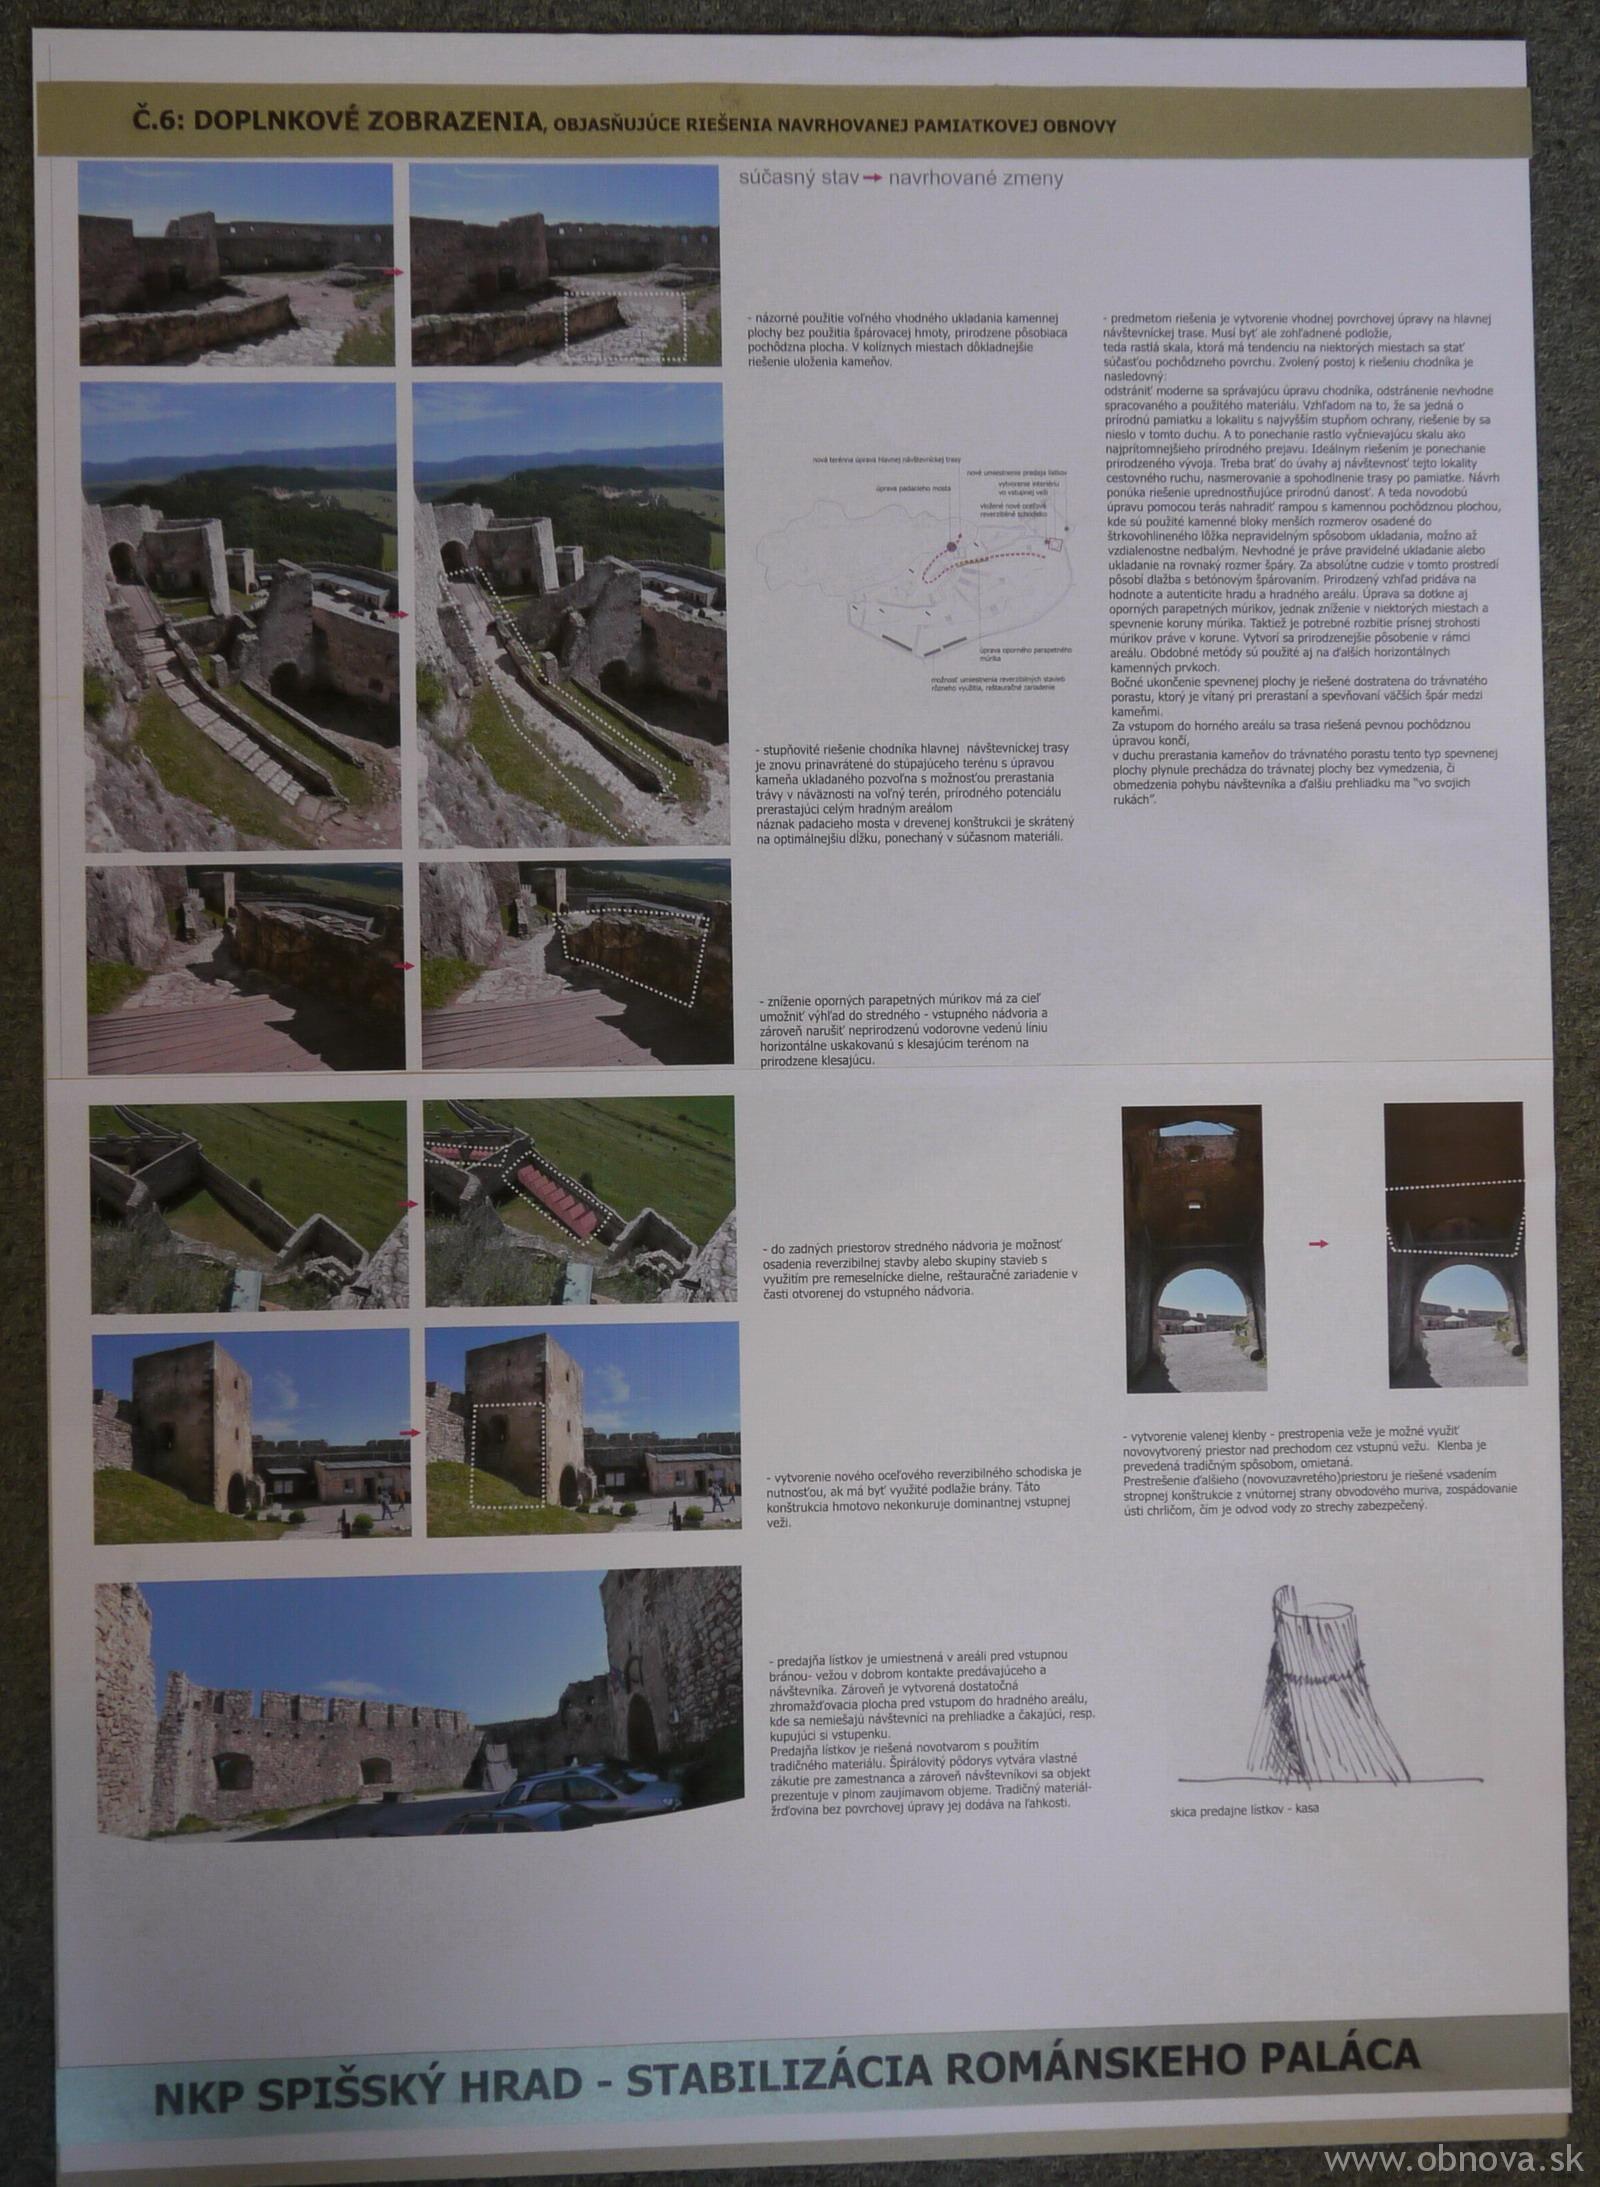 Spissky hrad - romansky palac - 2010 - arch